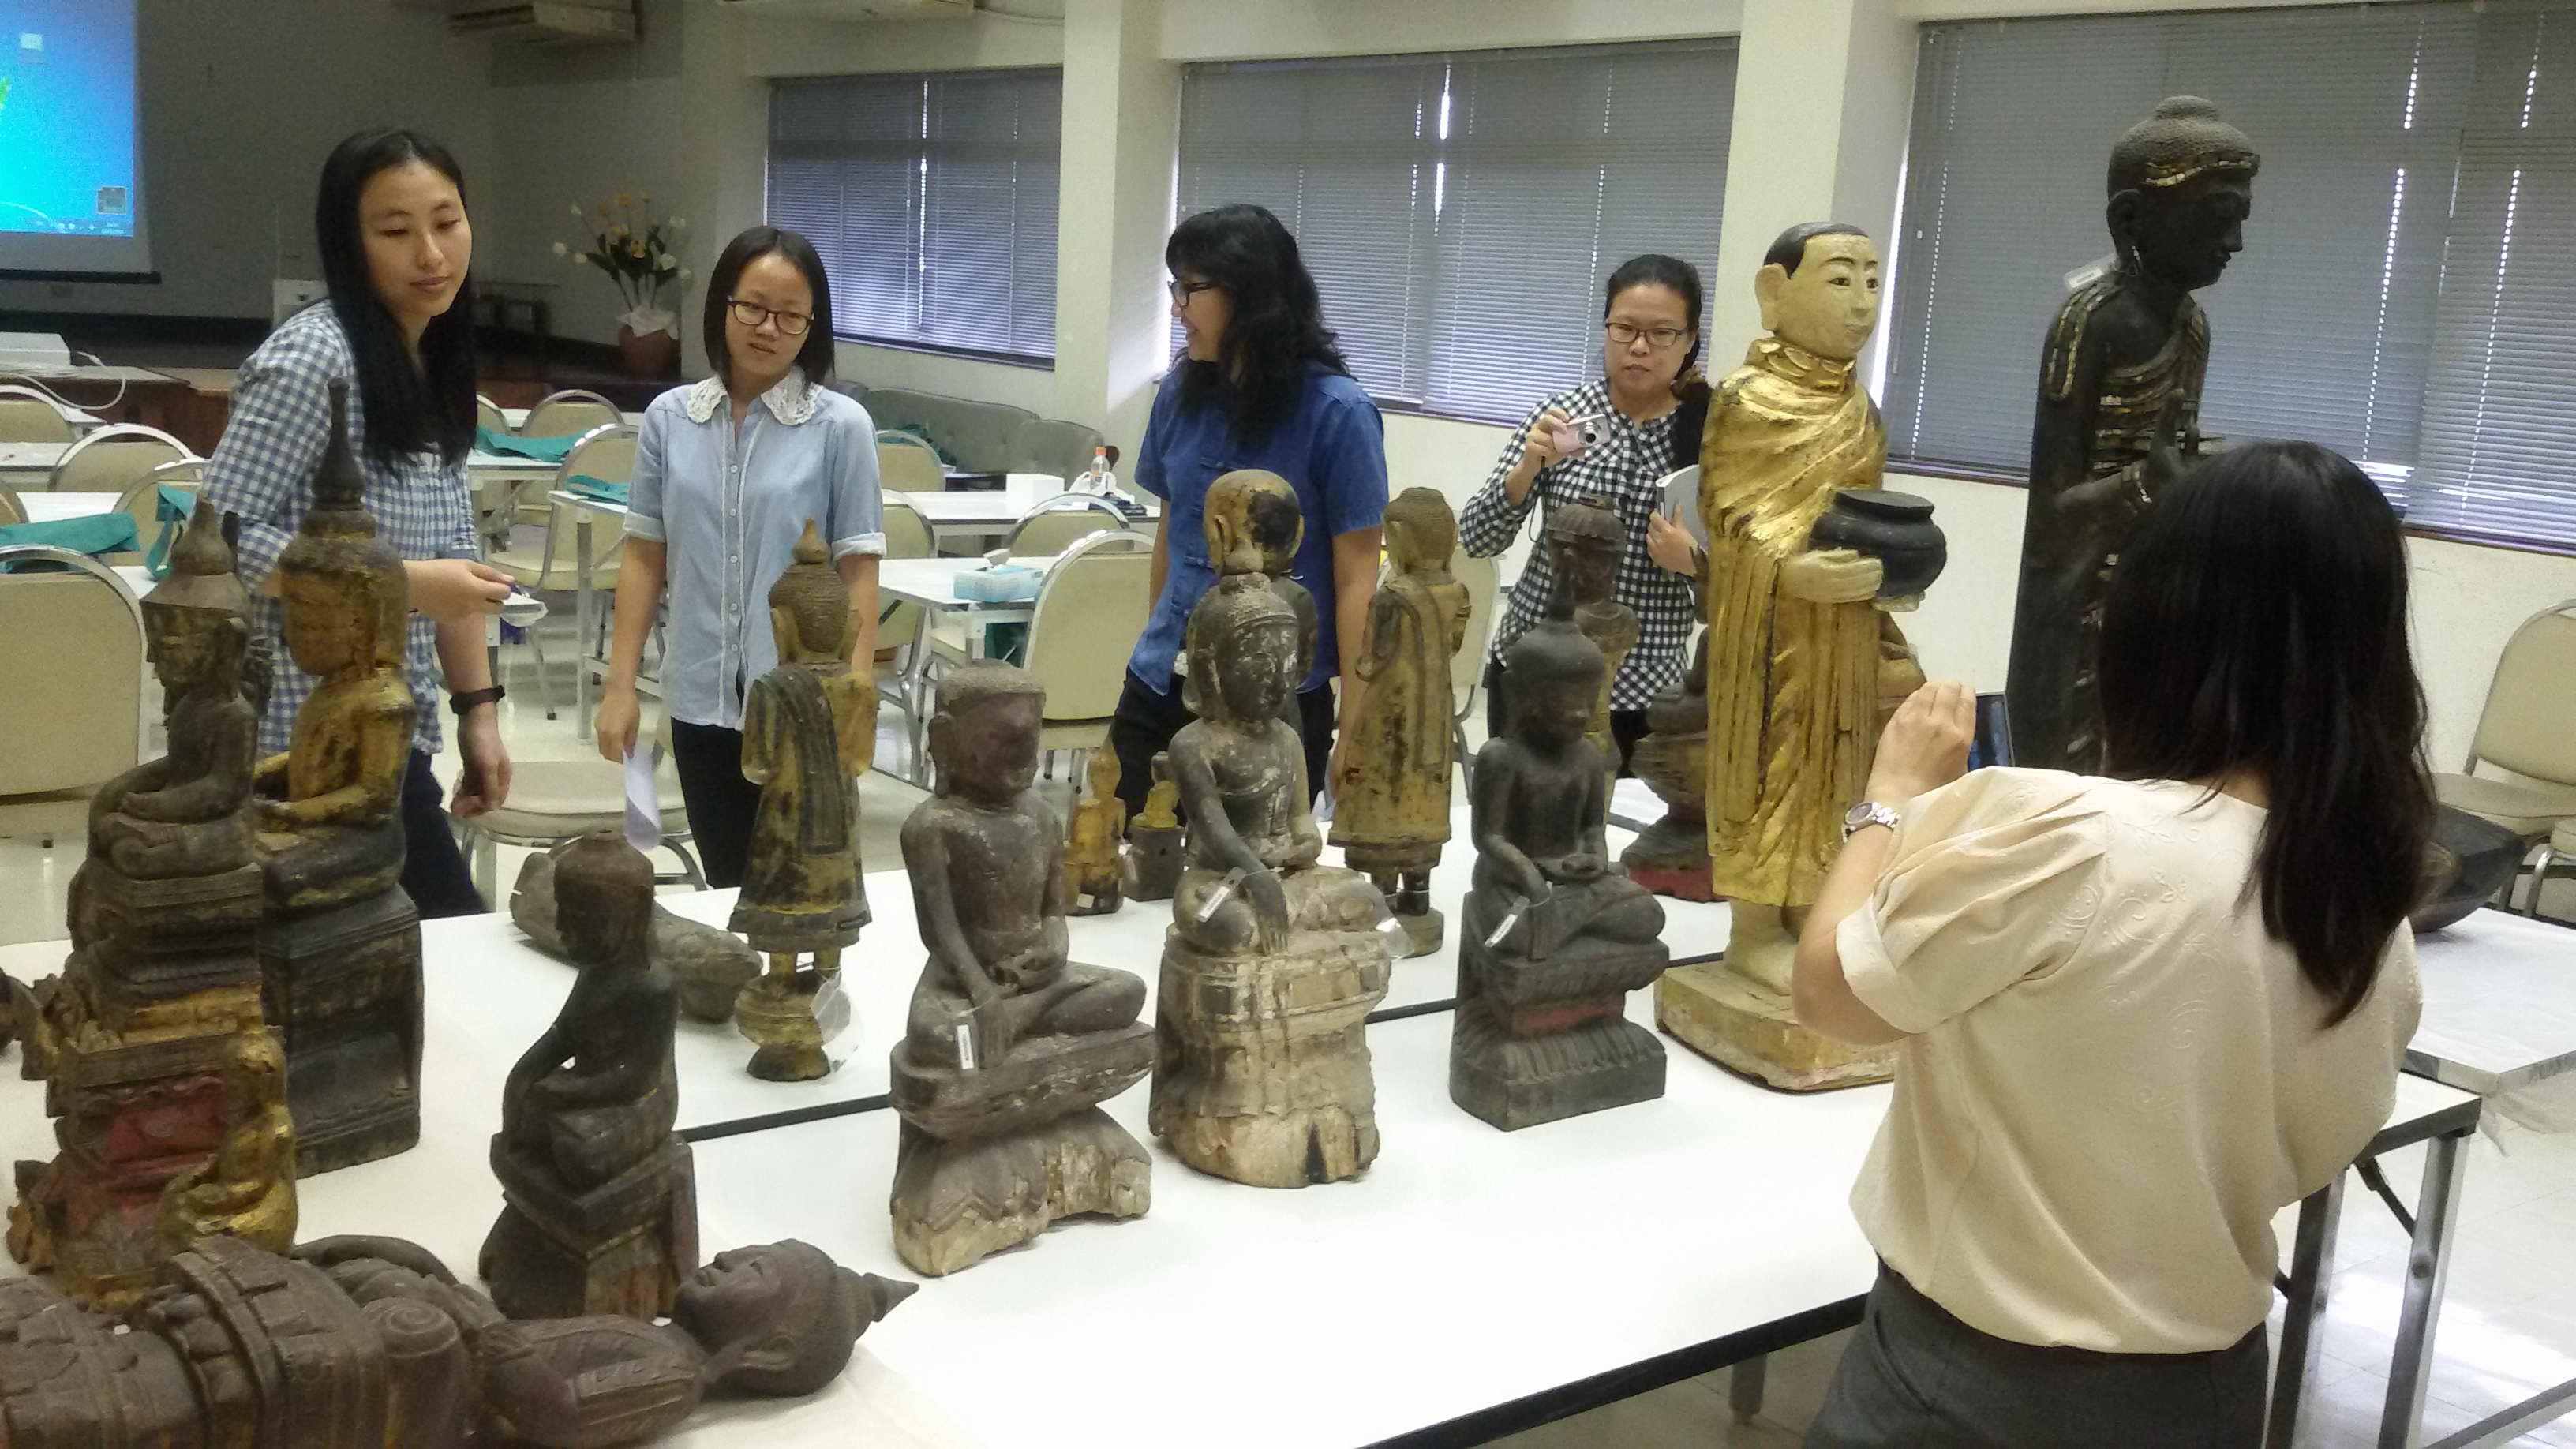 โครงการความรู้ในการตรวจสอบพิสูจน์พระพุทธรูปศิลปะพม่า